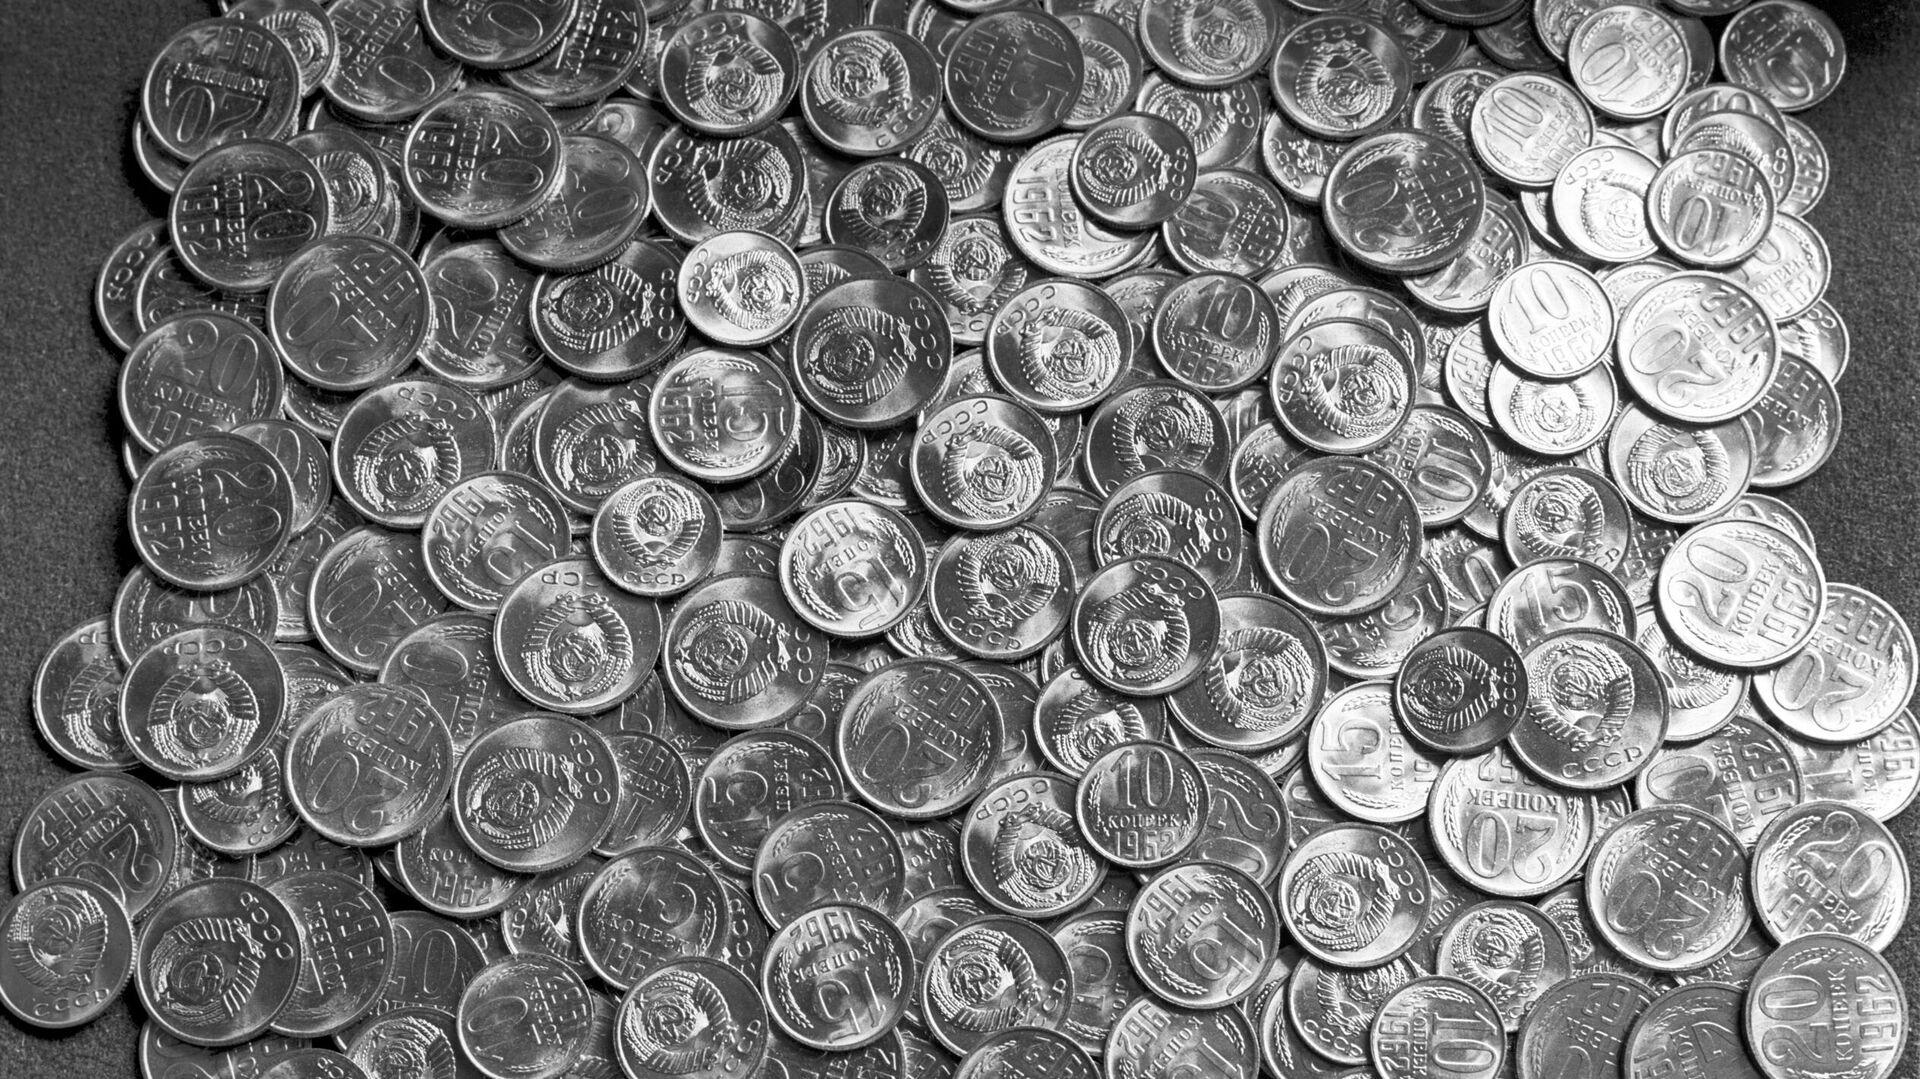 Я украл всего миллион! Первая русская финансовая пирамида и ее творец - РИА Новости, 1920, 09.05.2021